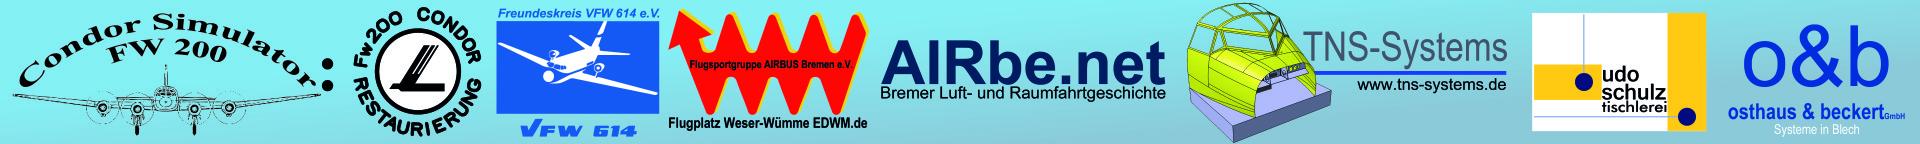 AIRbe.net Bremer Luft- und Raumfahrtgeschichte